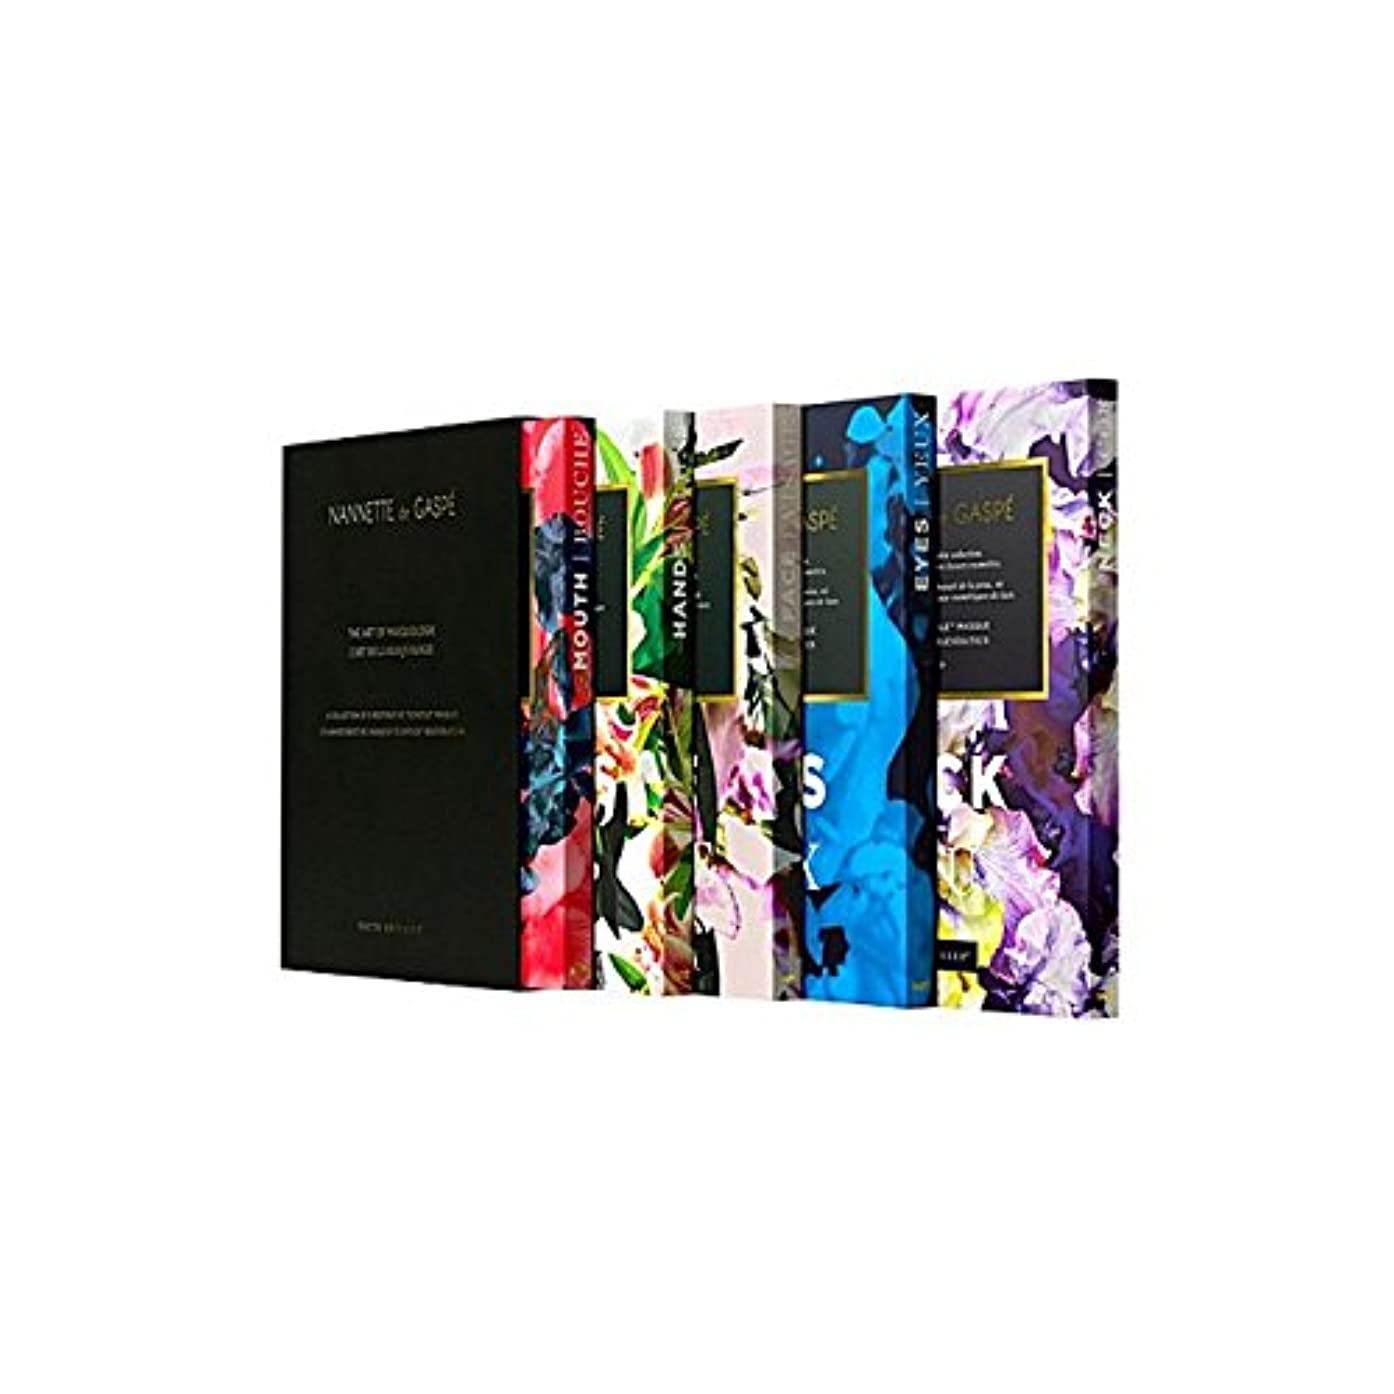 人工感覚引き付けるデガスペ修復仮面劇コフレ x2 - Nannette De Gaspe Restorative Techstile Masque Coffret (Pack of 2) [並行輸入品]